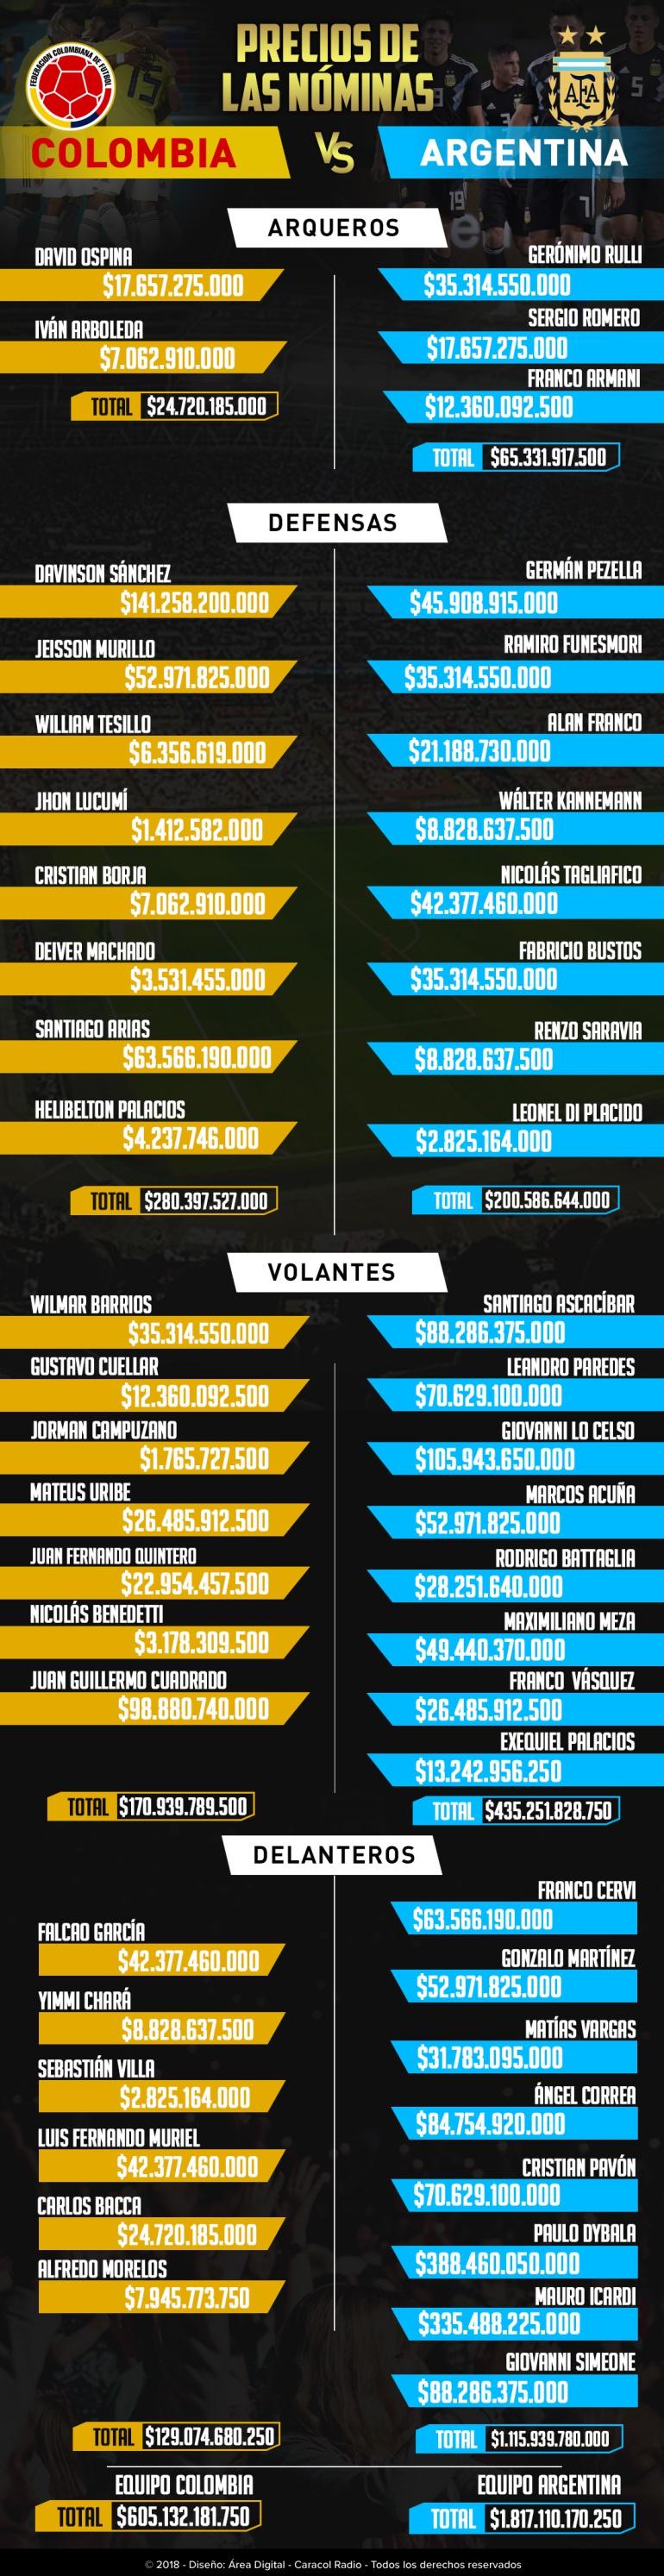 Precios nóminas Colombia Argentina: Los precios de las nóminas de Colombia y Argentina